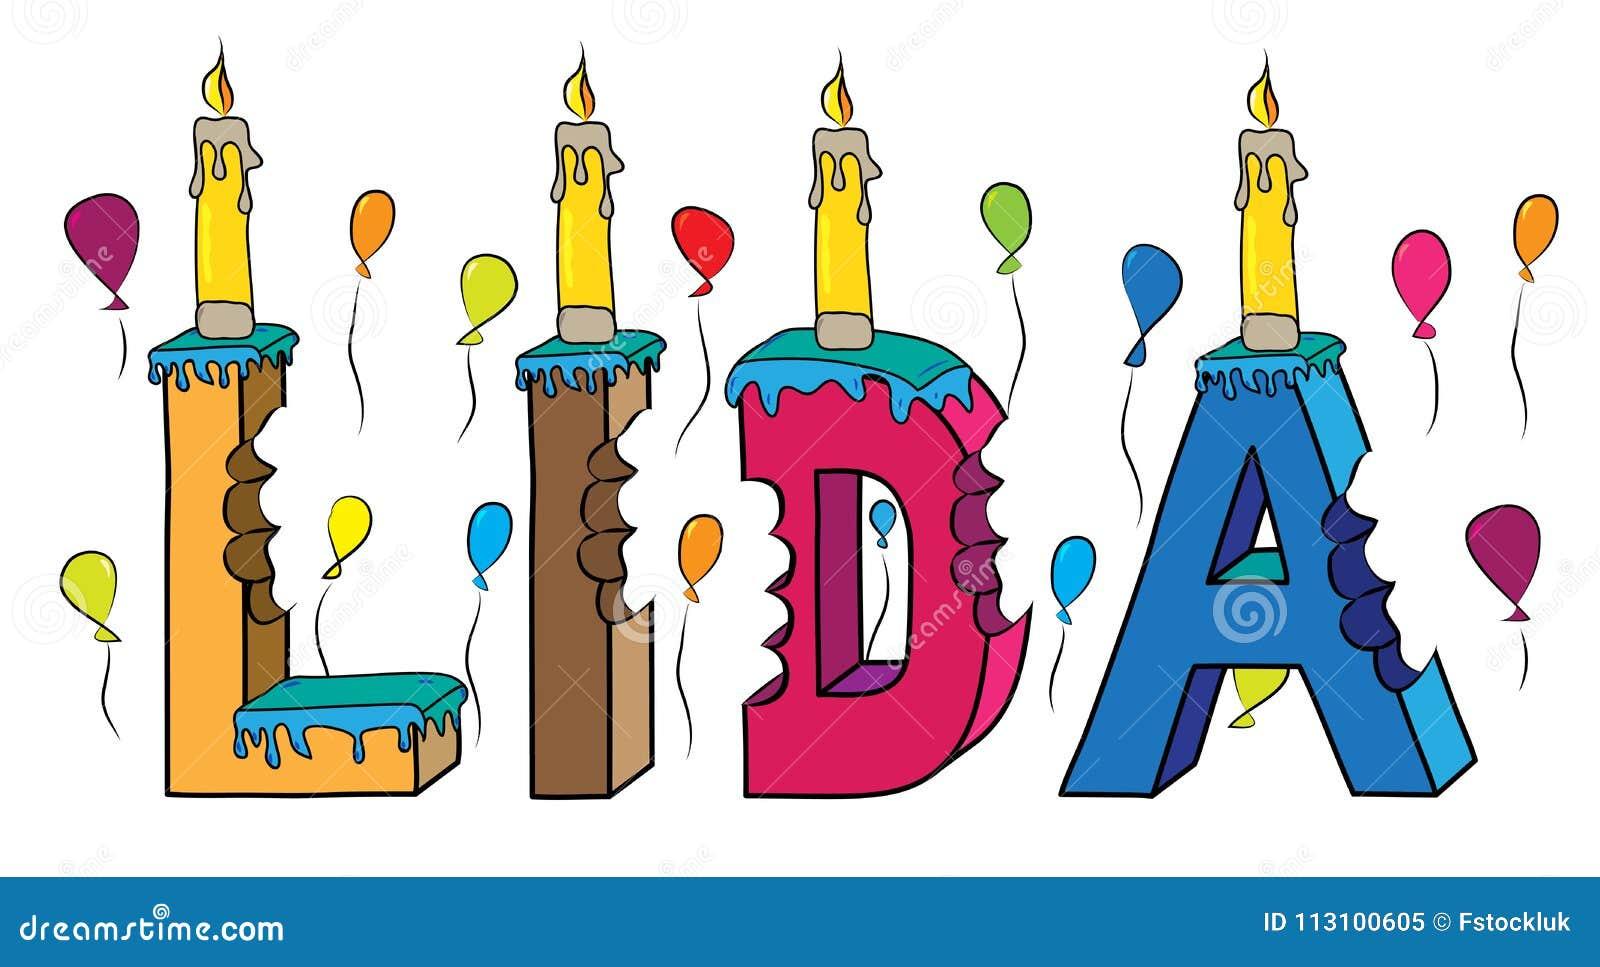 与蜡烛和气球的利达女性名字被咬住的五颜六色的3d字法生日蛋糕